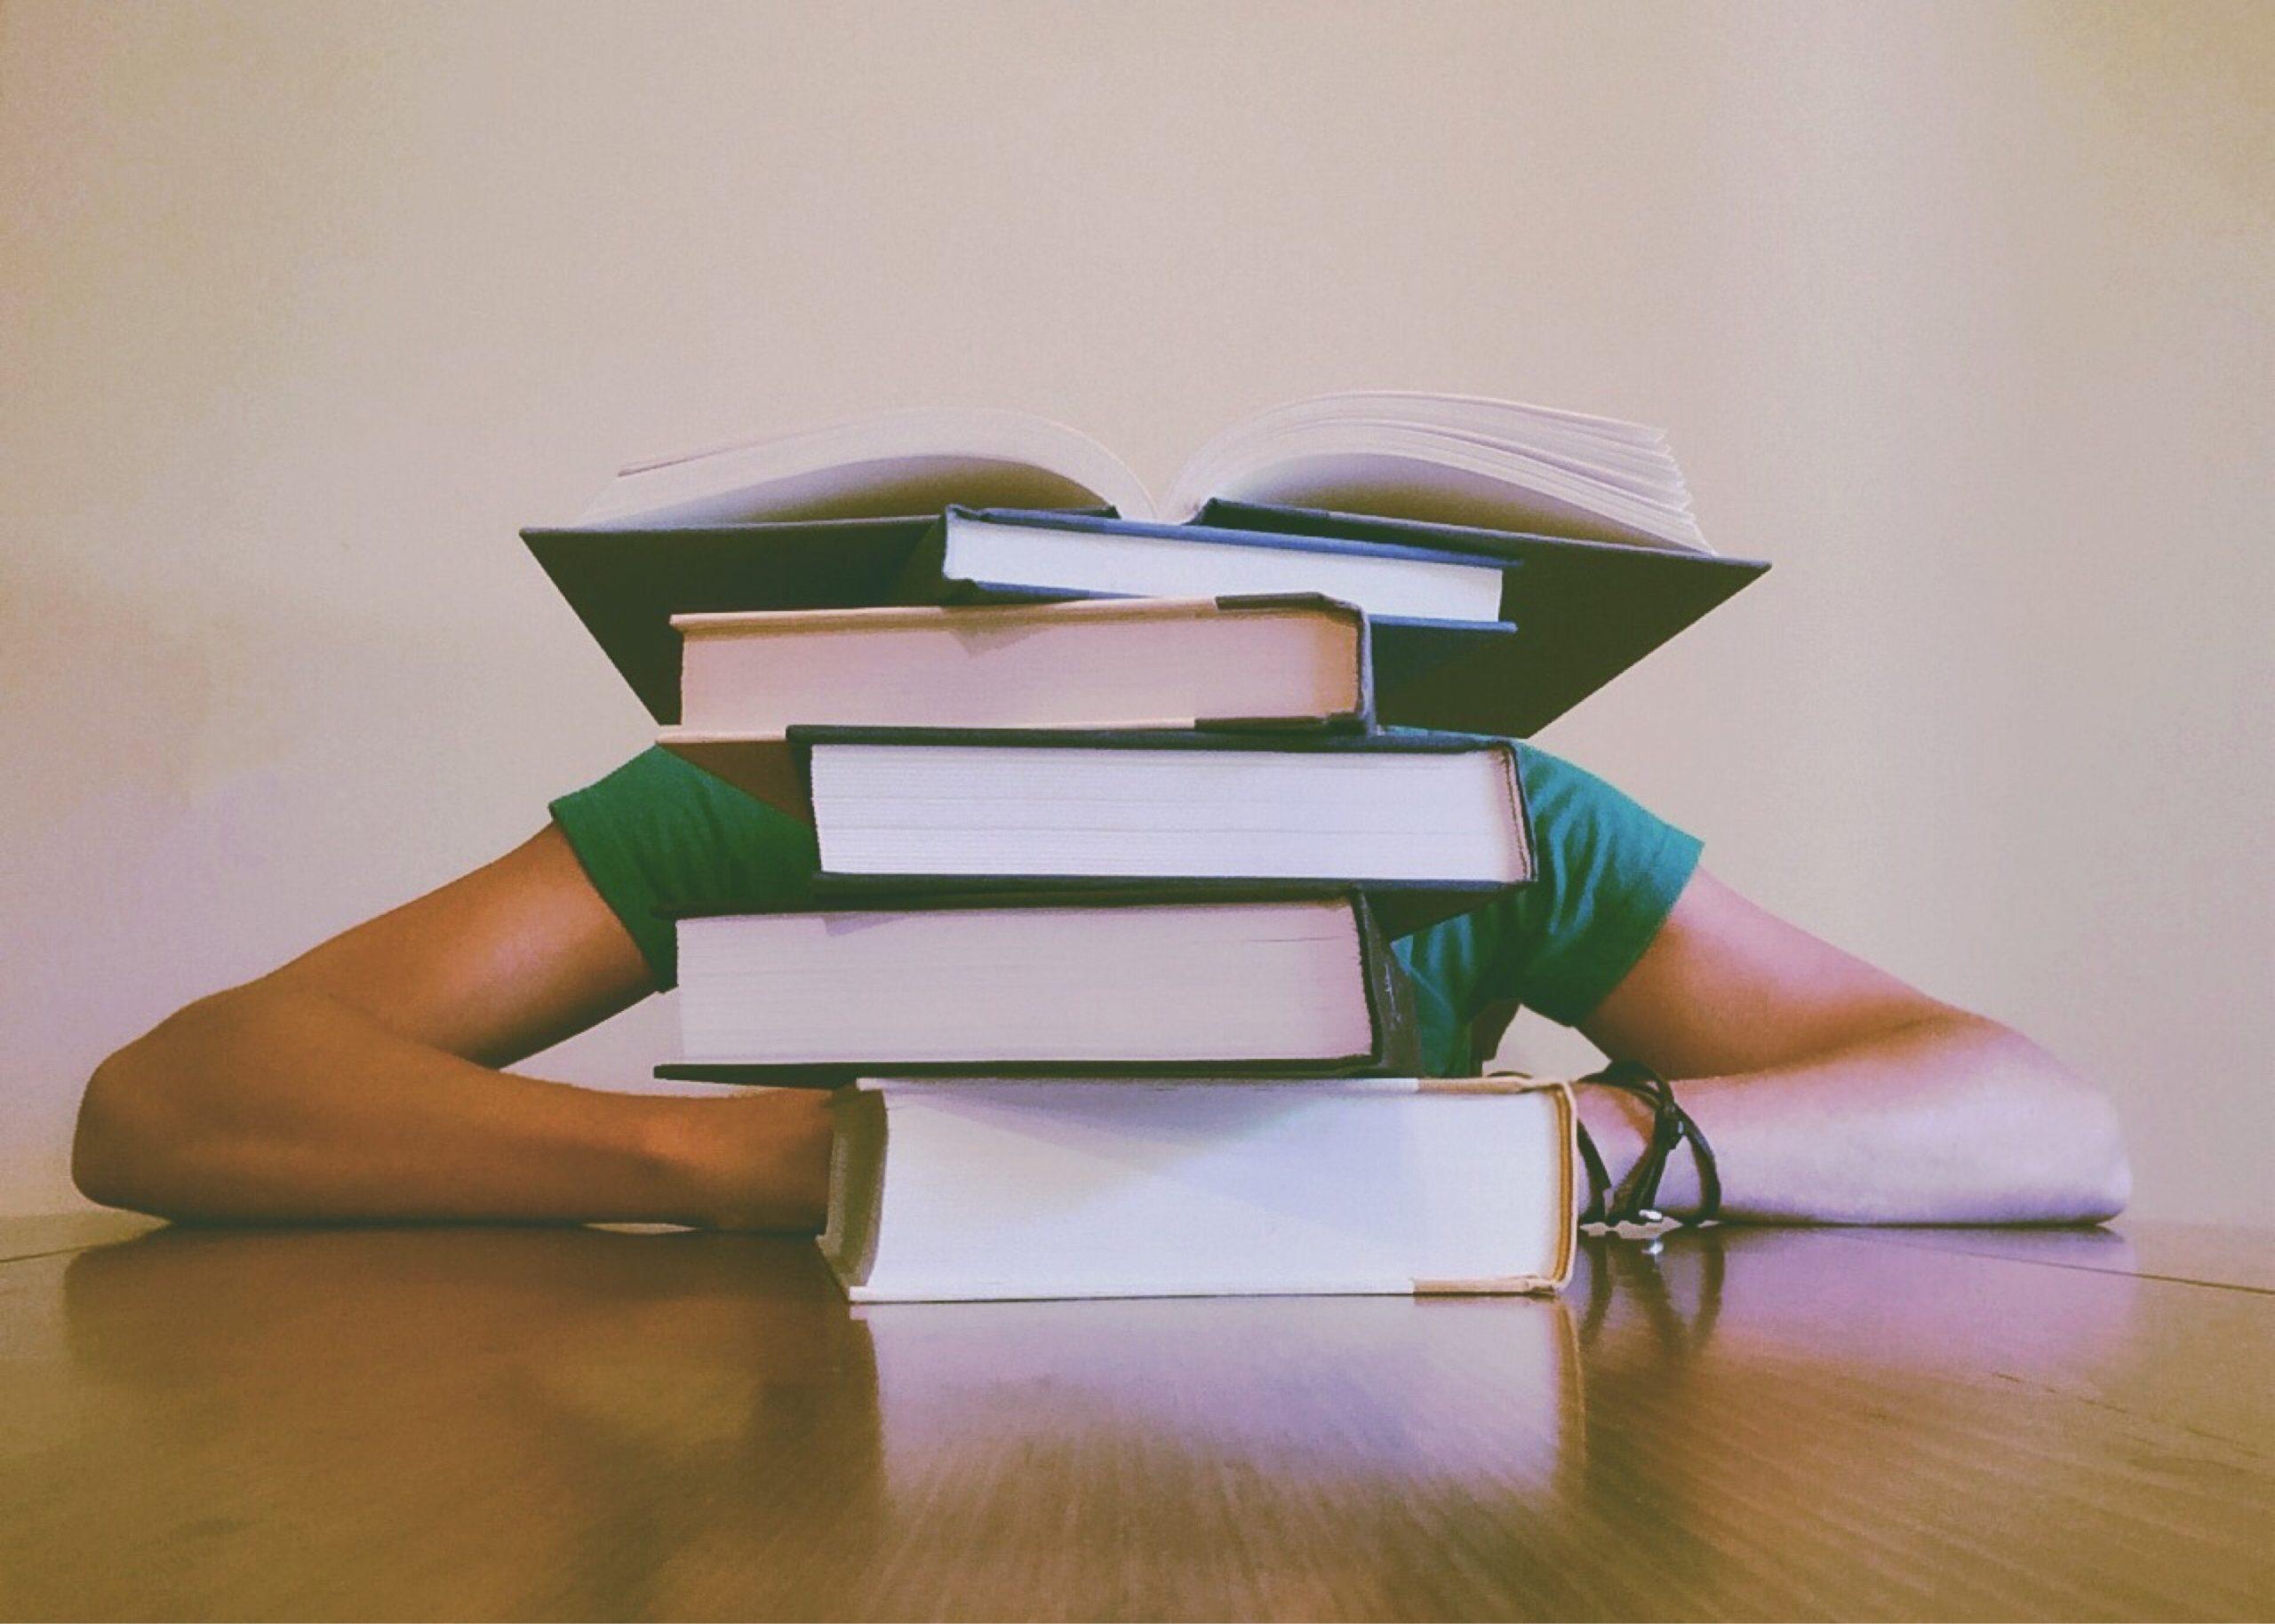 Pourquoi_l_obtention_d_un_diplôme_supérieur_devrait_être_l_objectif_de_tout_entrepreneur